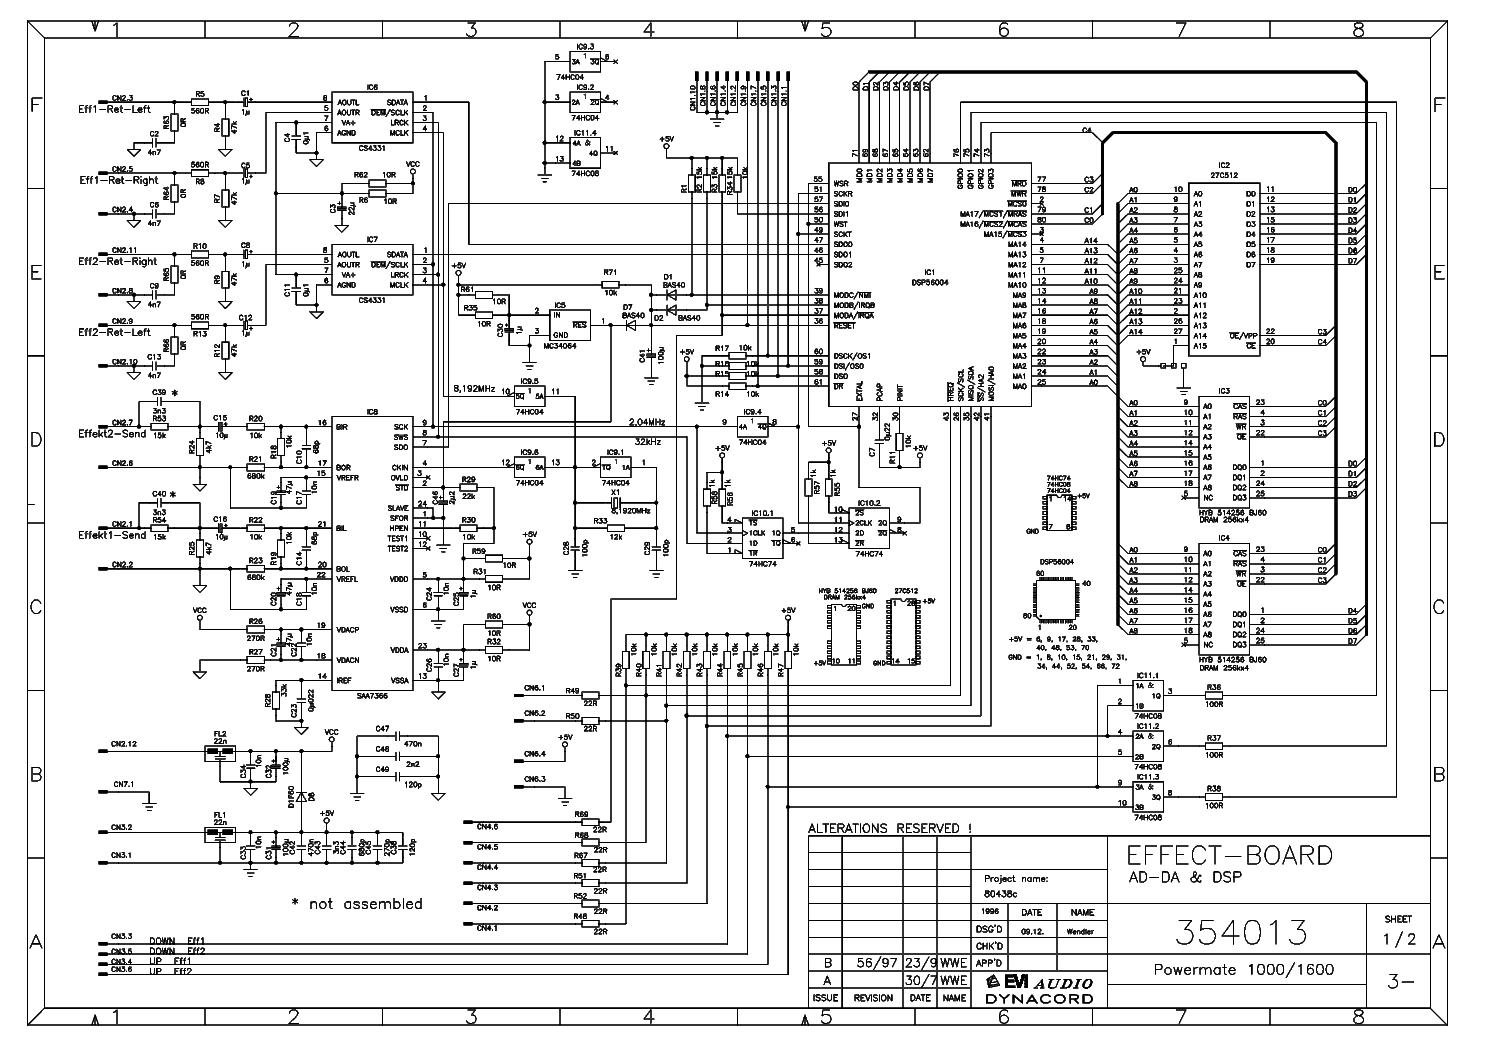 Free Download Dynacord Powermate 1000 Mk1 Service Manual